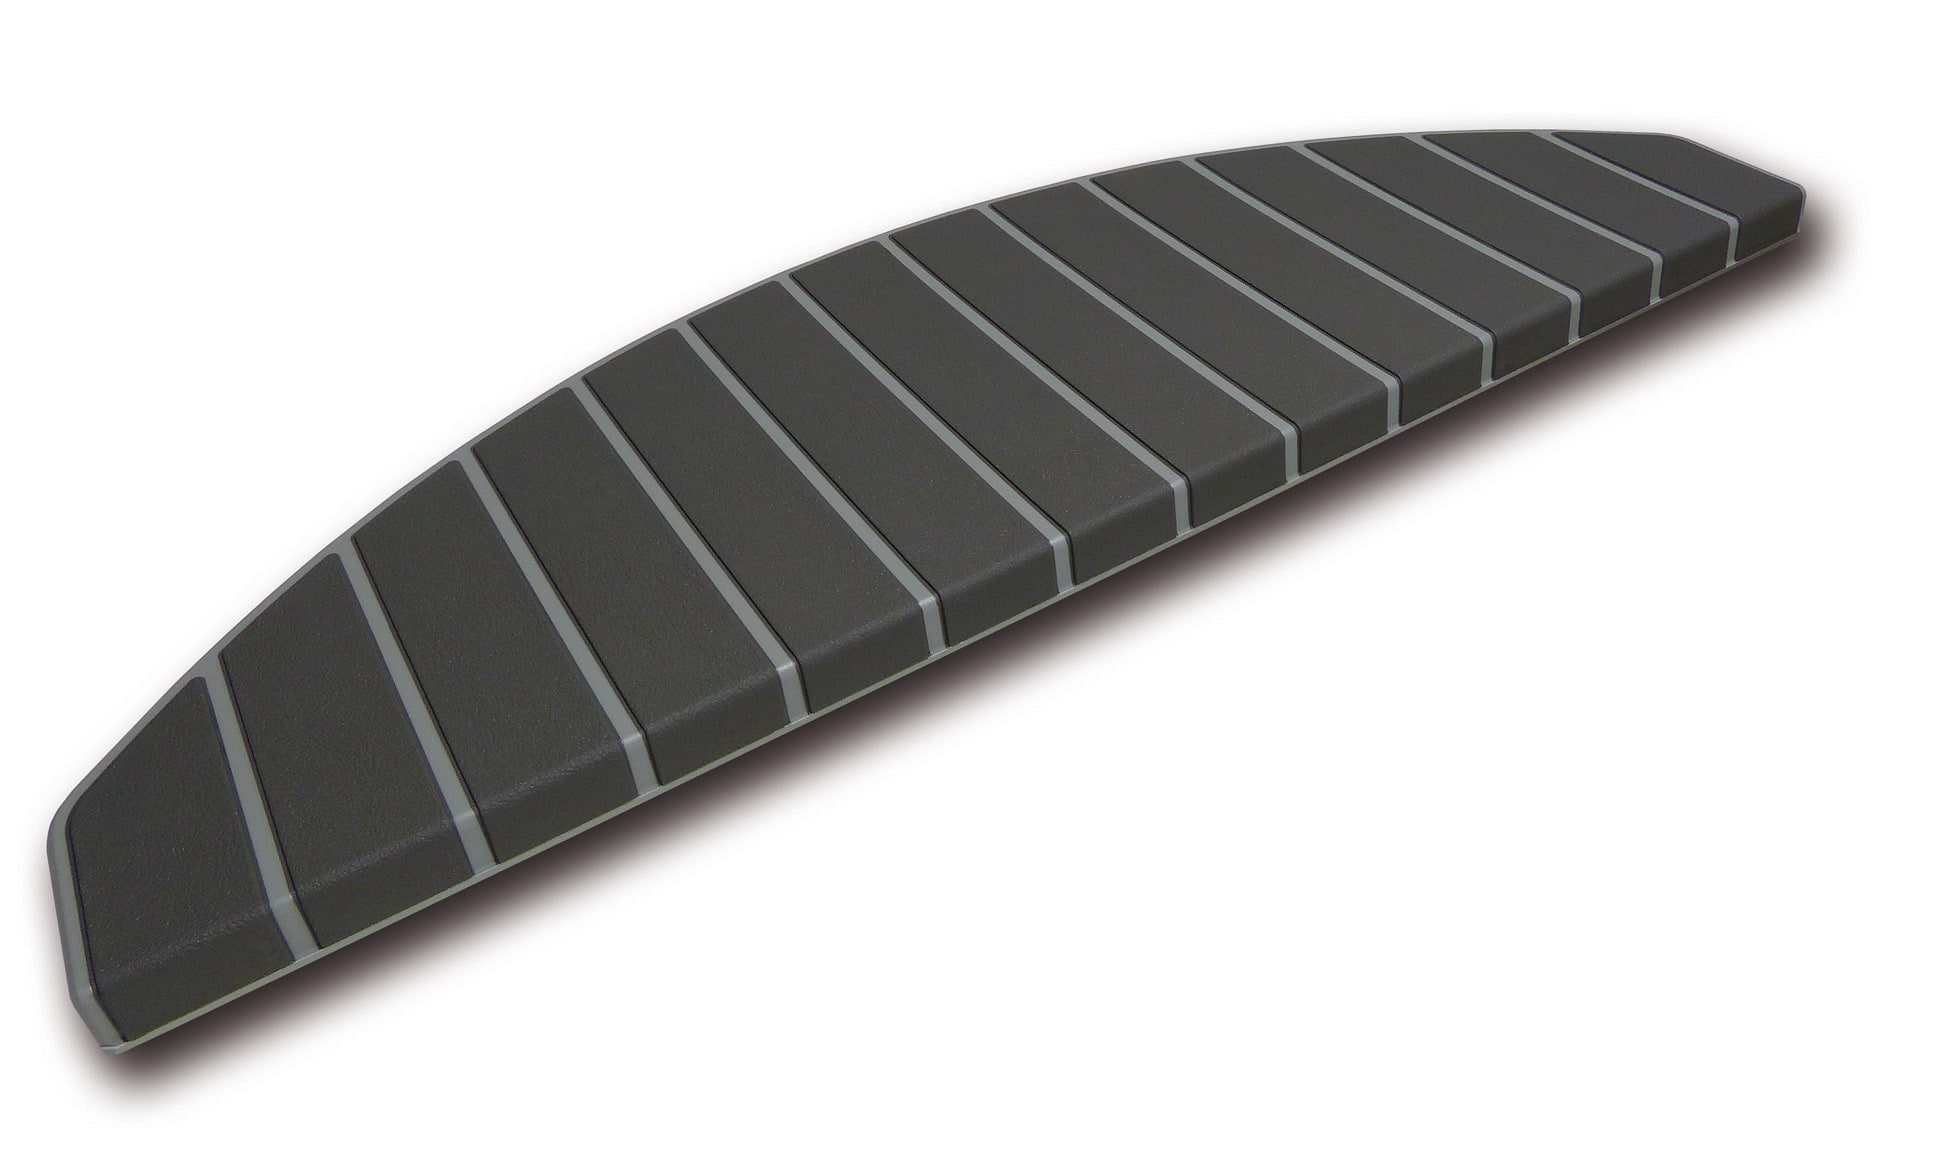 Trapmatten en trapmaantjes grijs antraciet